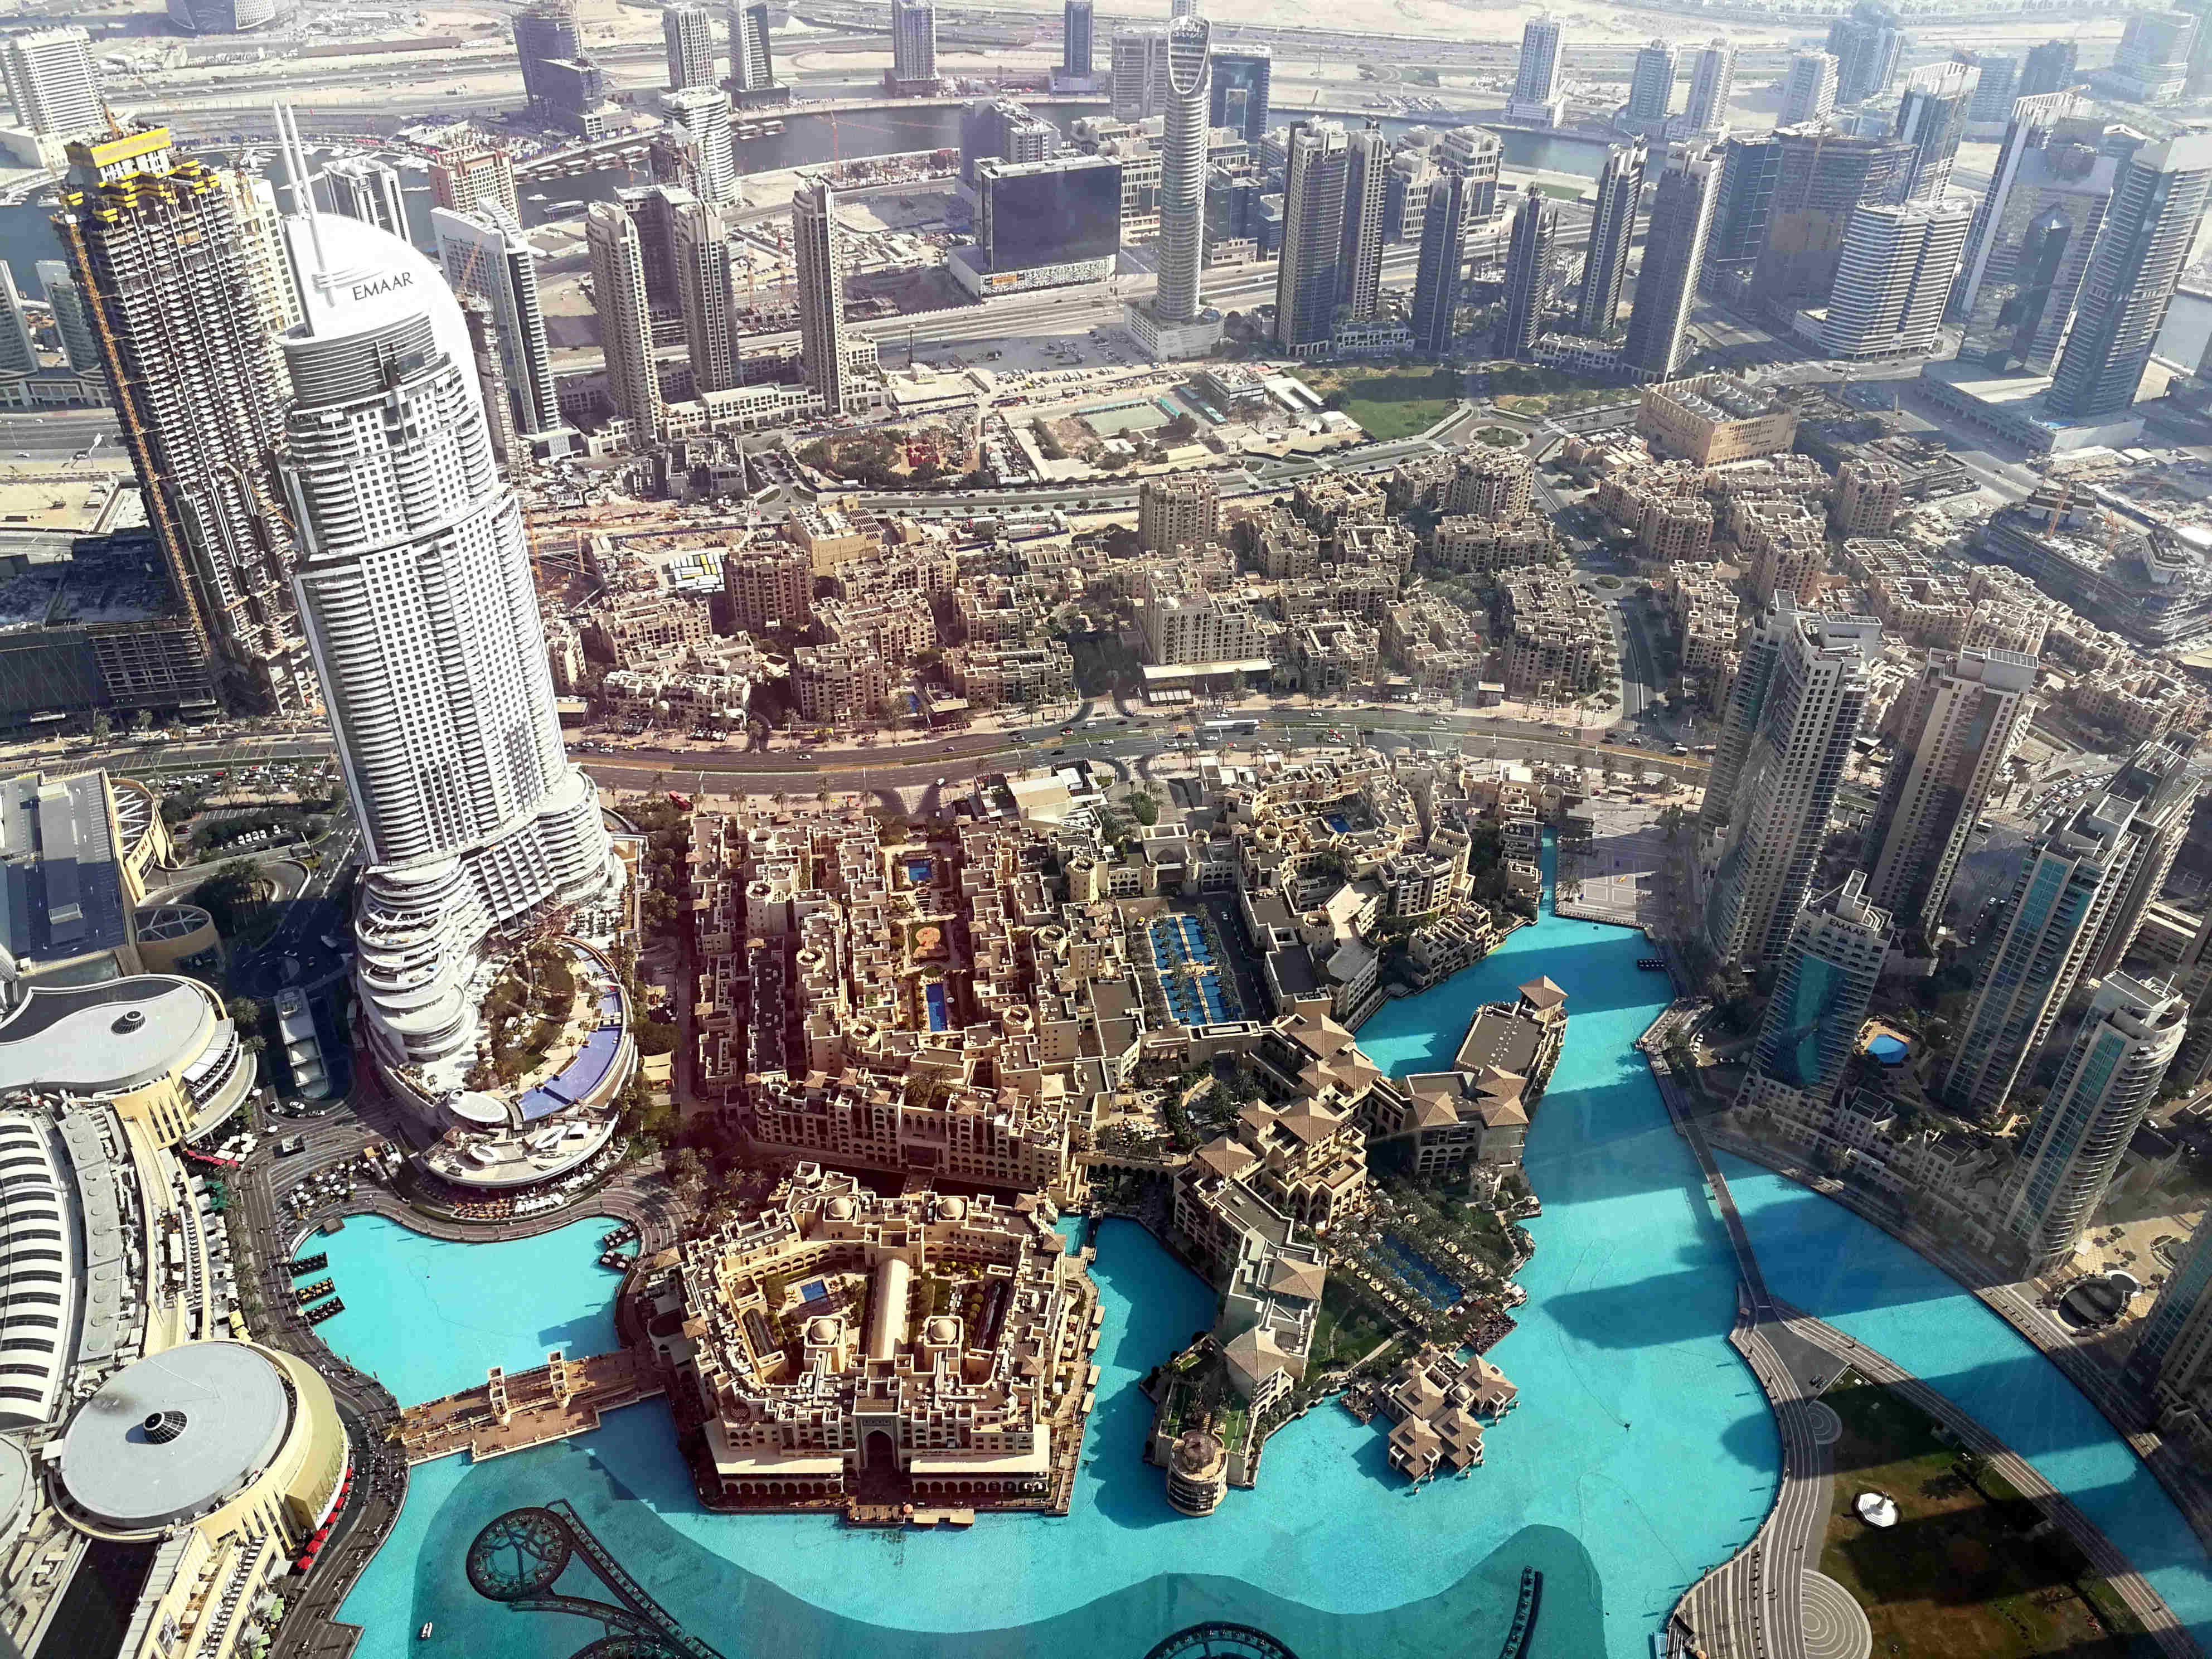 Kilátás a mosdóból. Tycoon City: Dubai